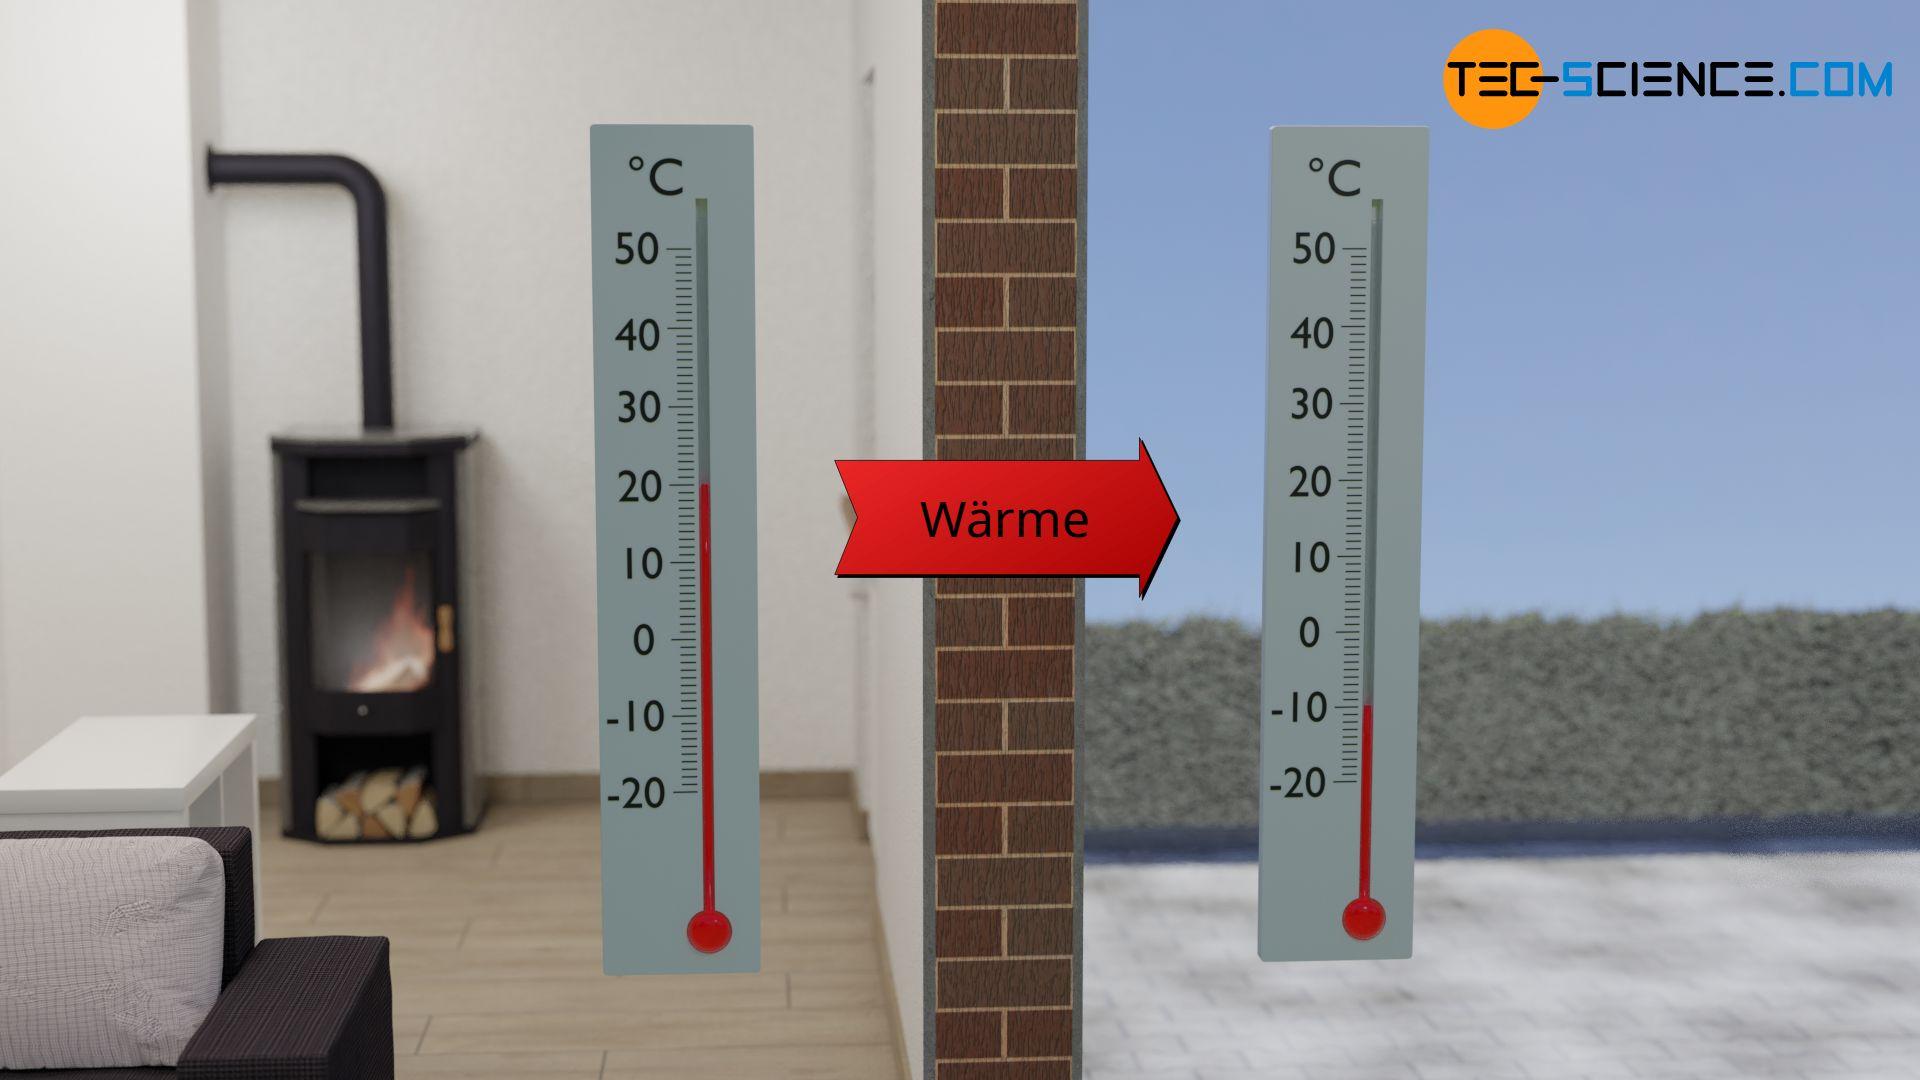 Wärmestrom durch eine Gebäudewand